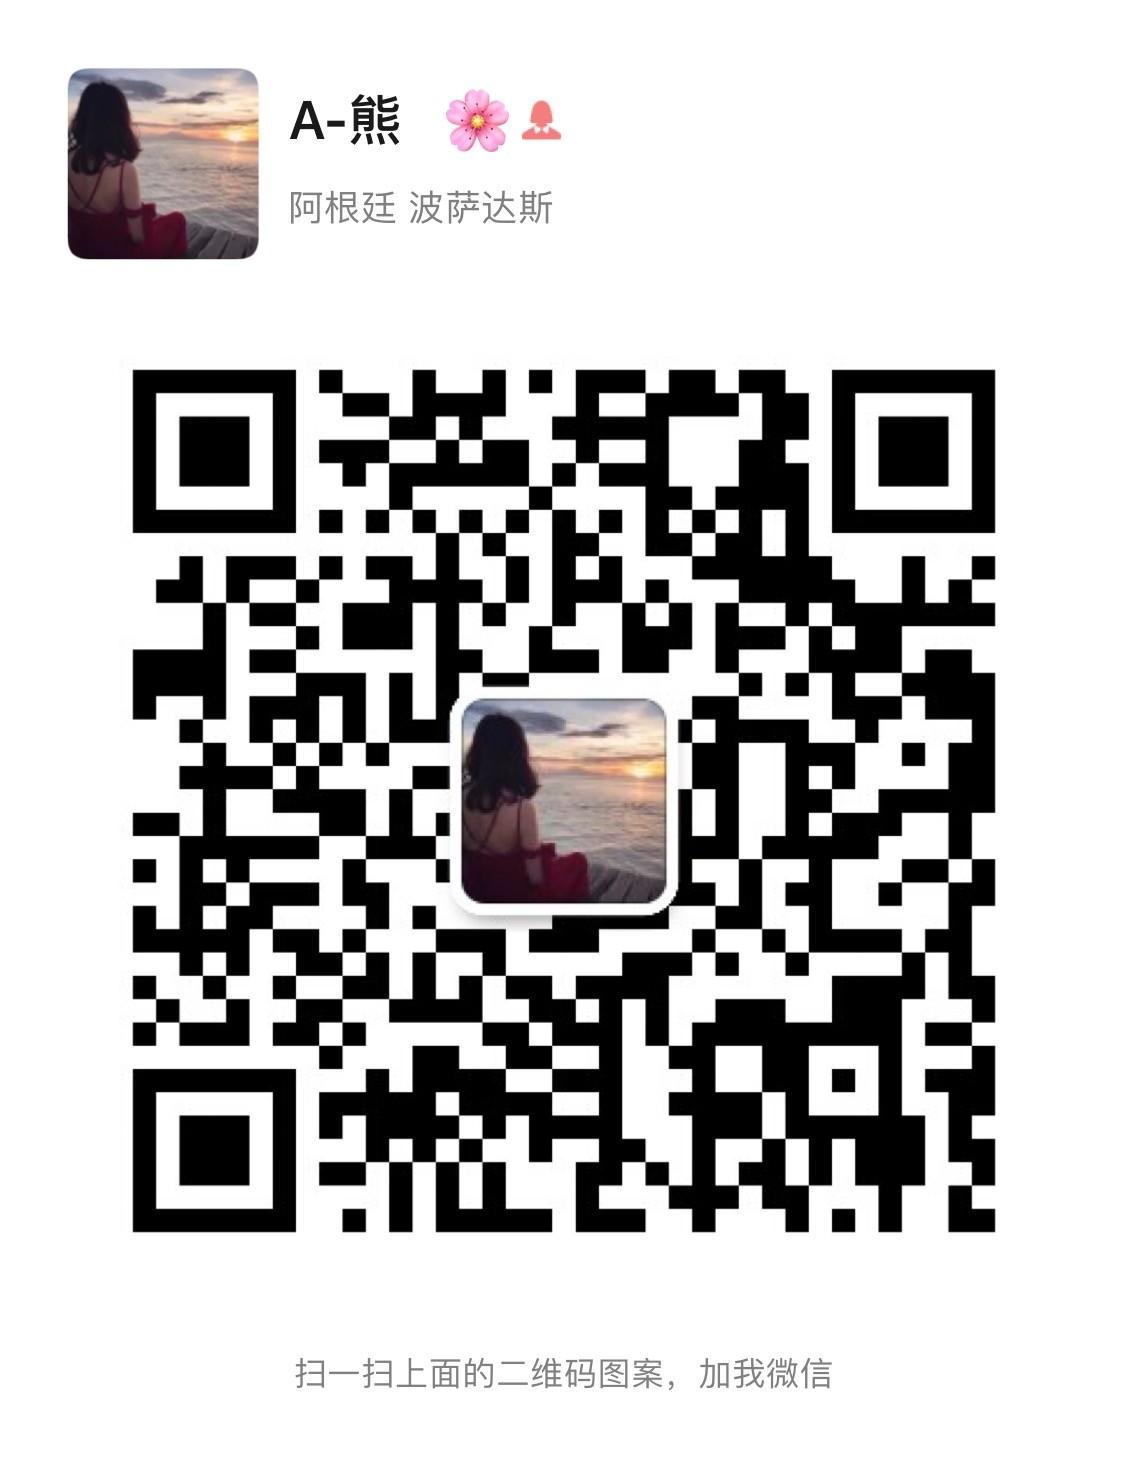 微信图片_20200825073450.jpg